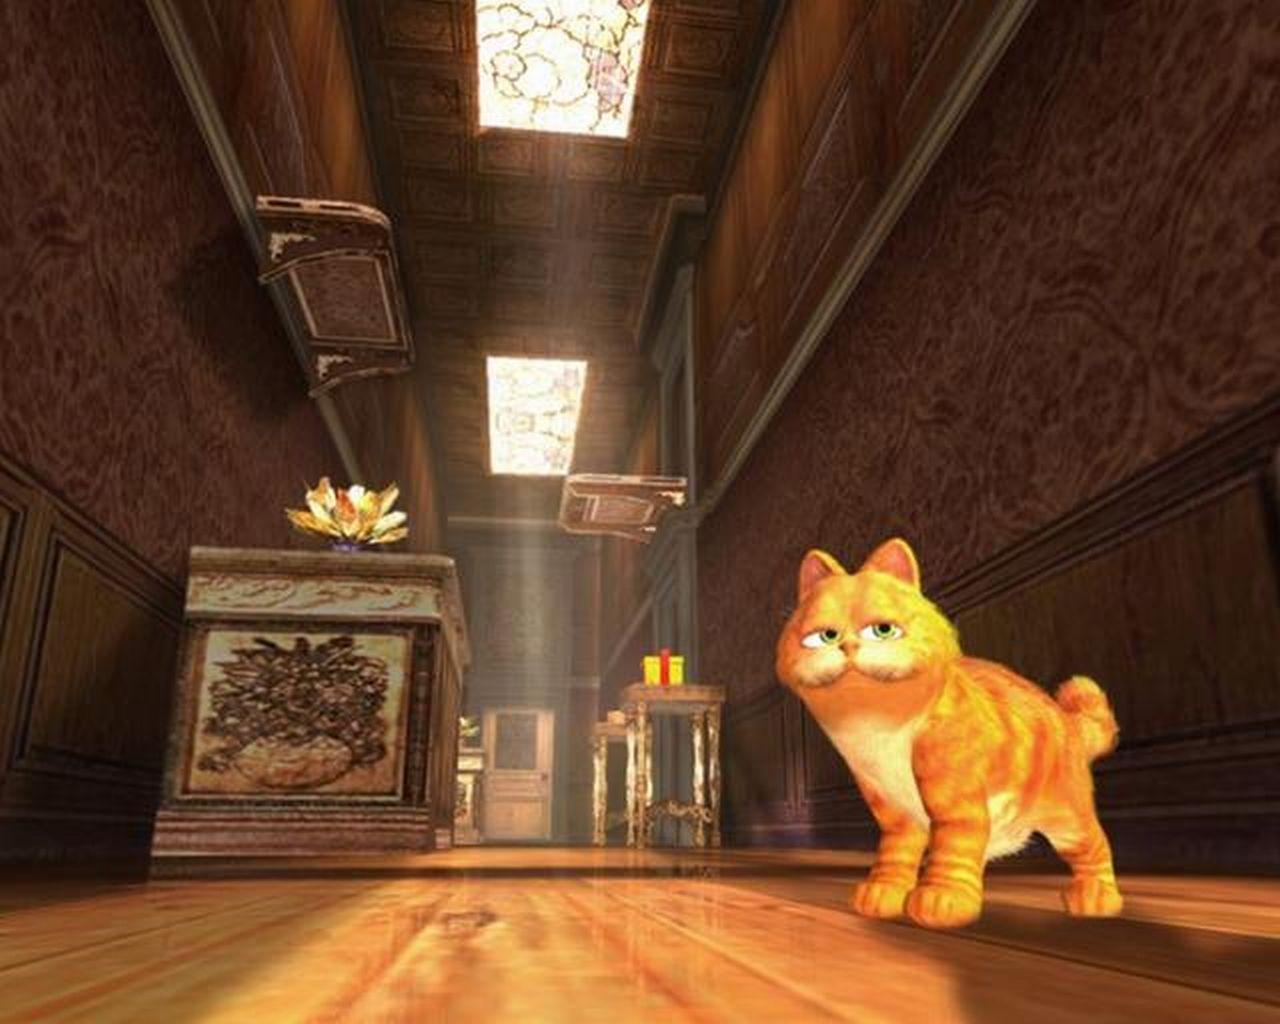 Garfield 2 - mi?o?nik lazanii bohaterem gry